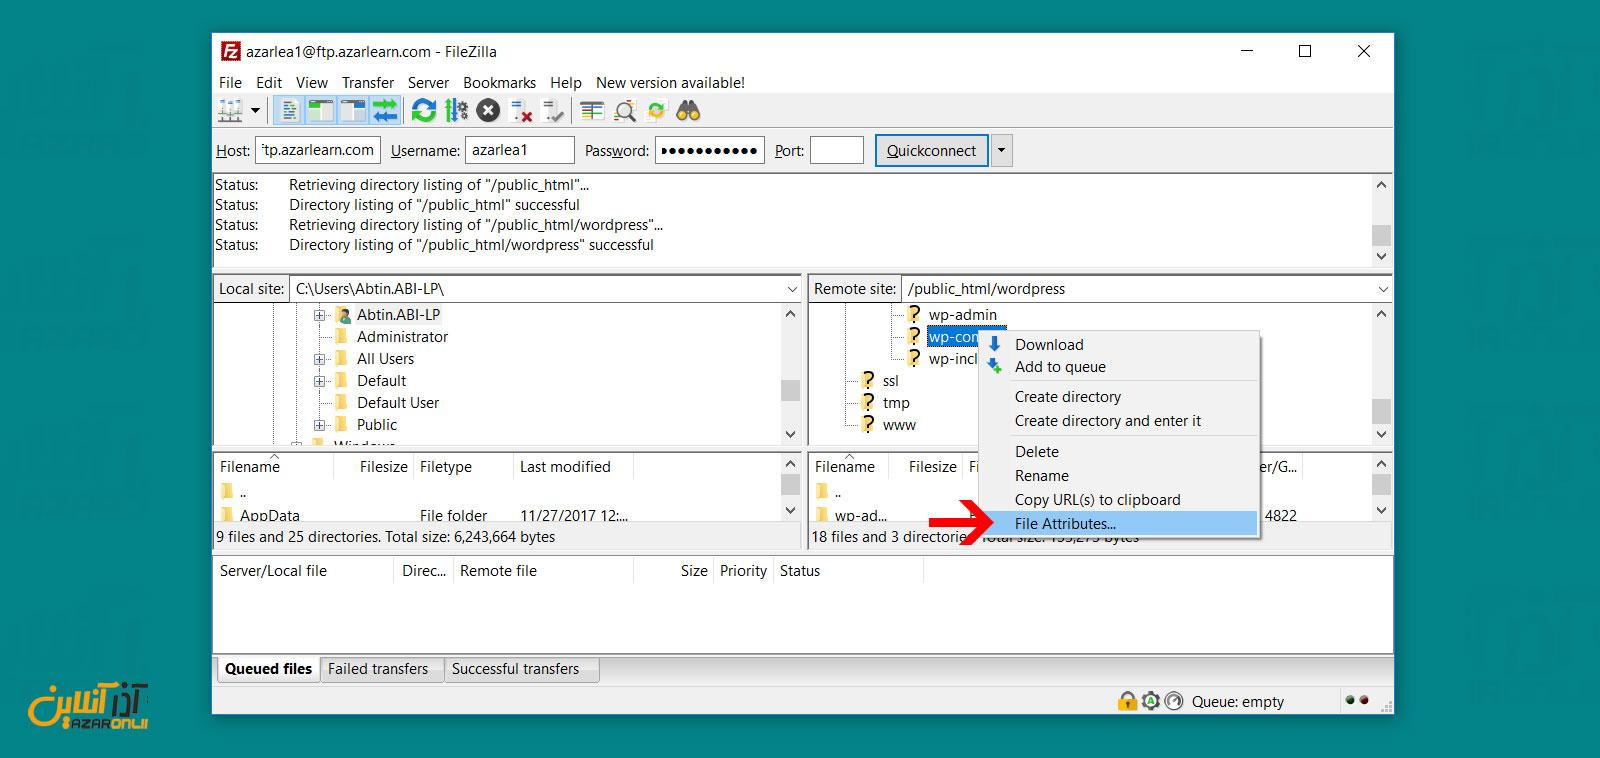 کلیک راست بر روی WP-content برای تصحیح دسترسی ها